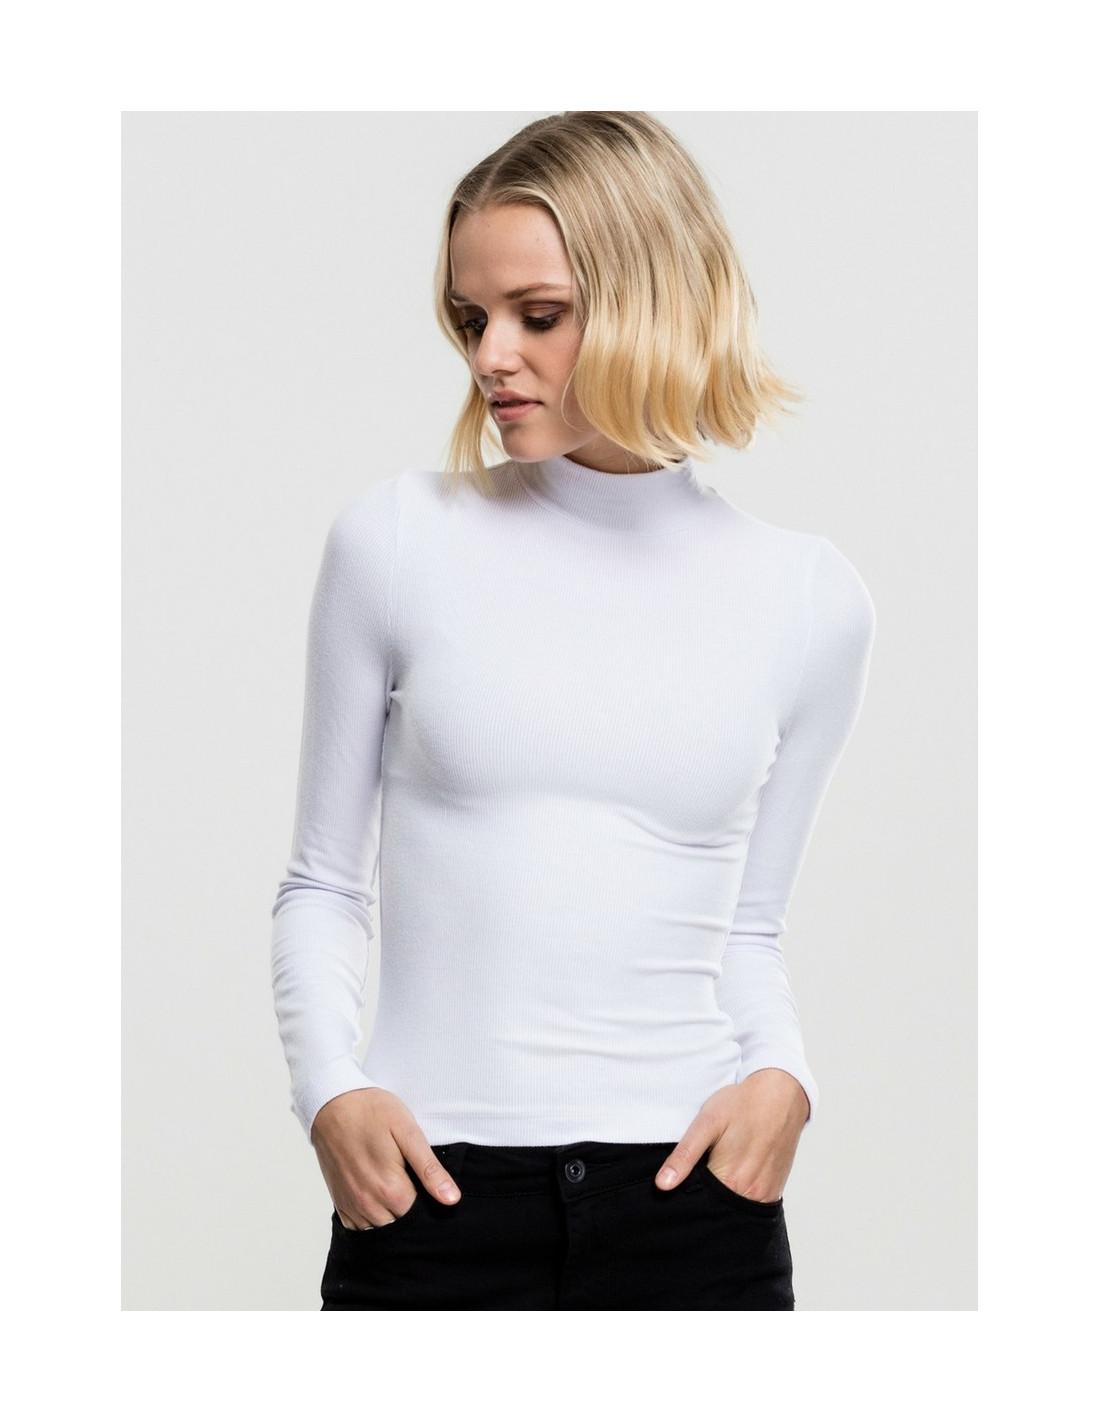 Ladies Turtleneck Longsleeve White